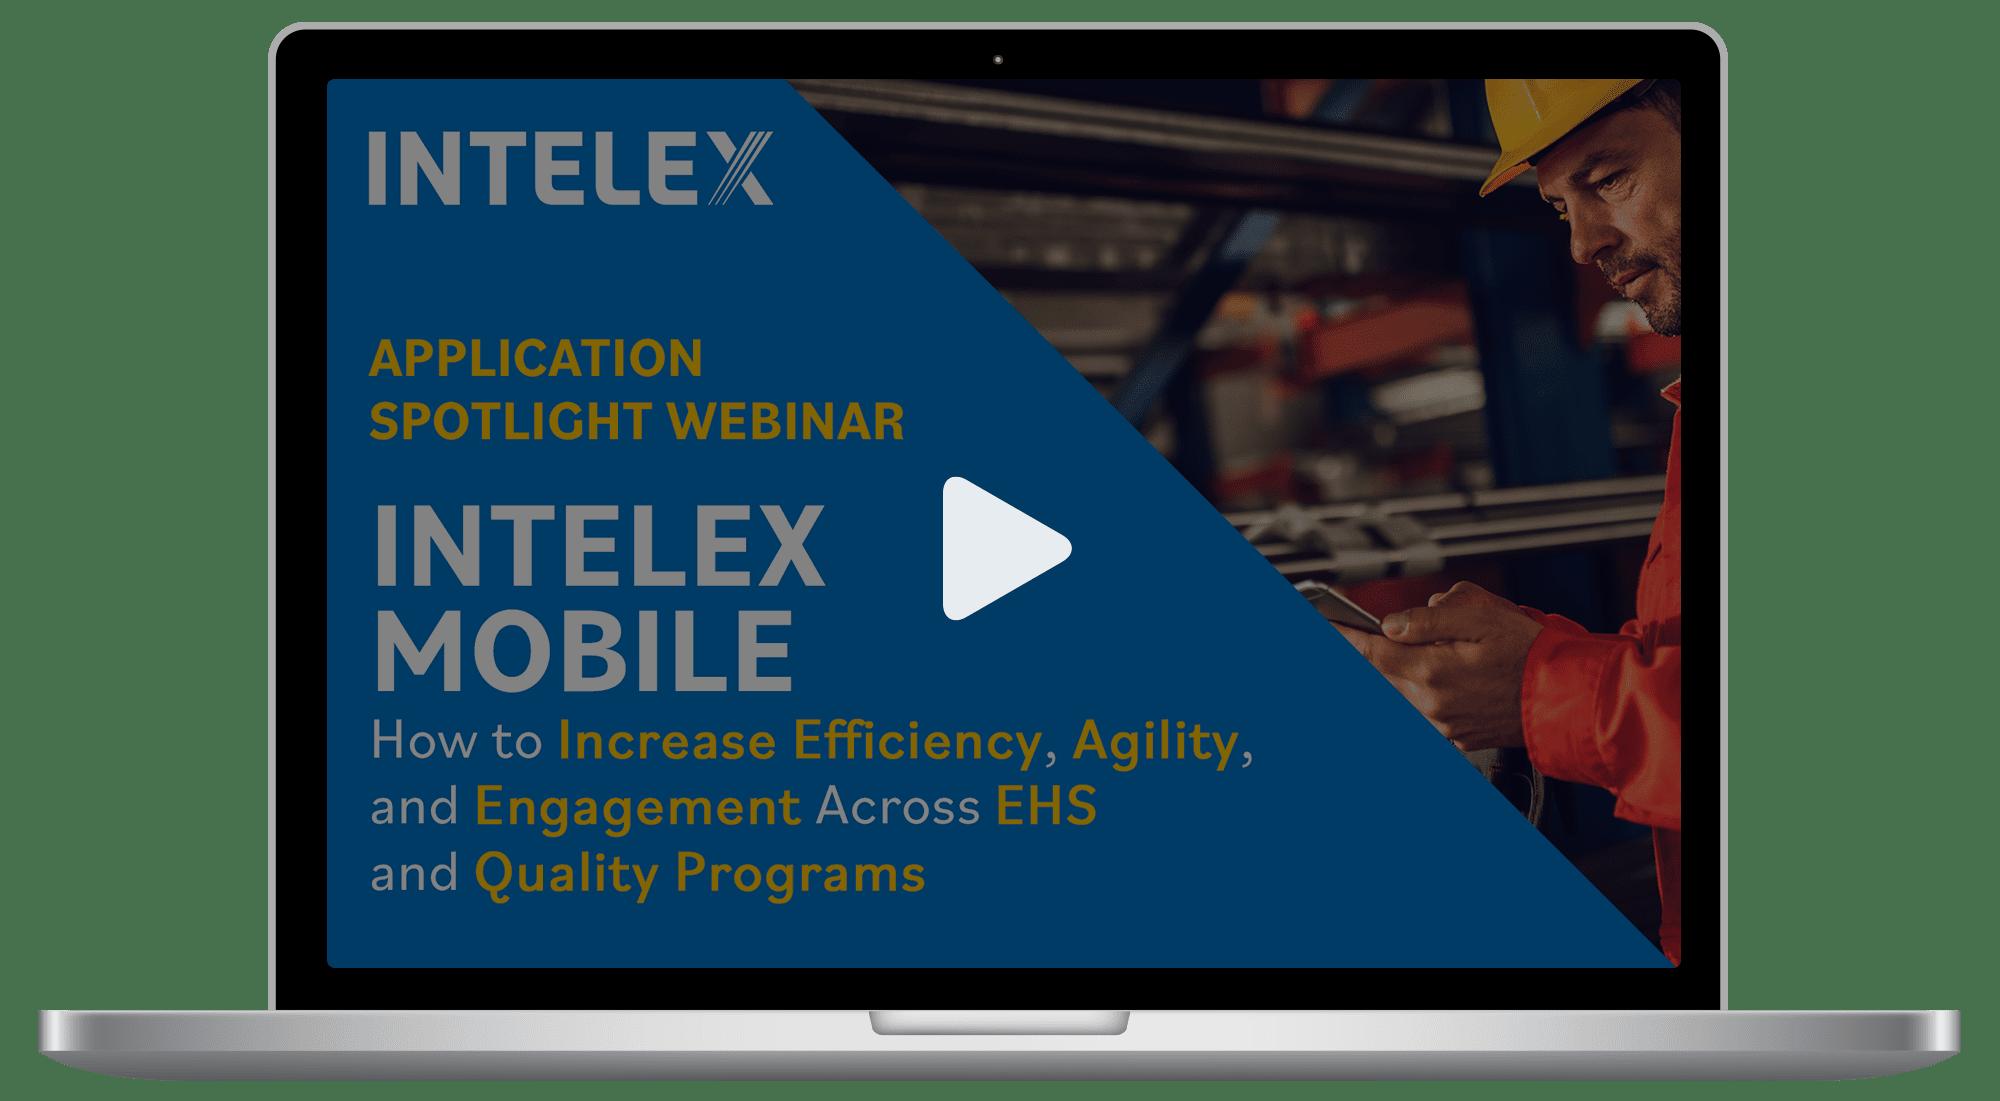 Intelex Mobile Demo - Intelex